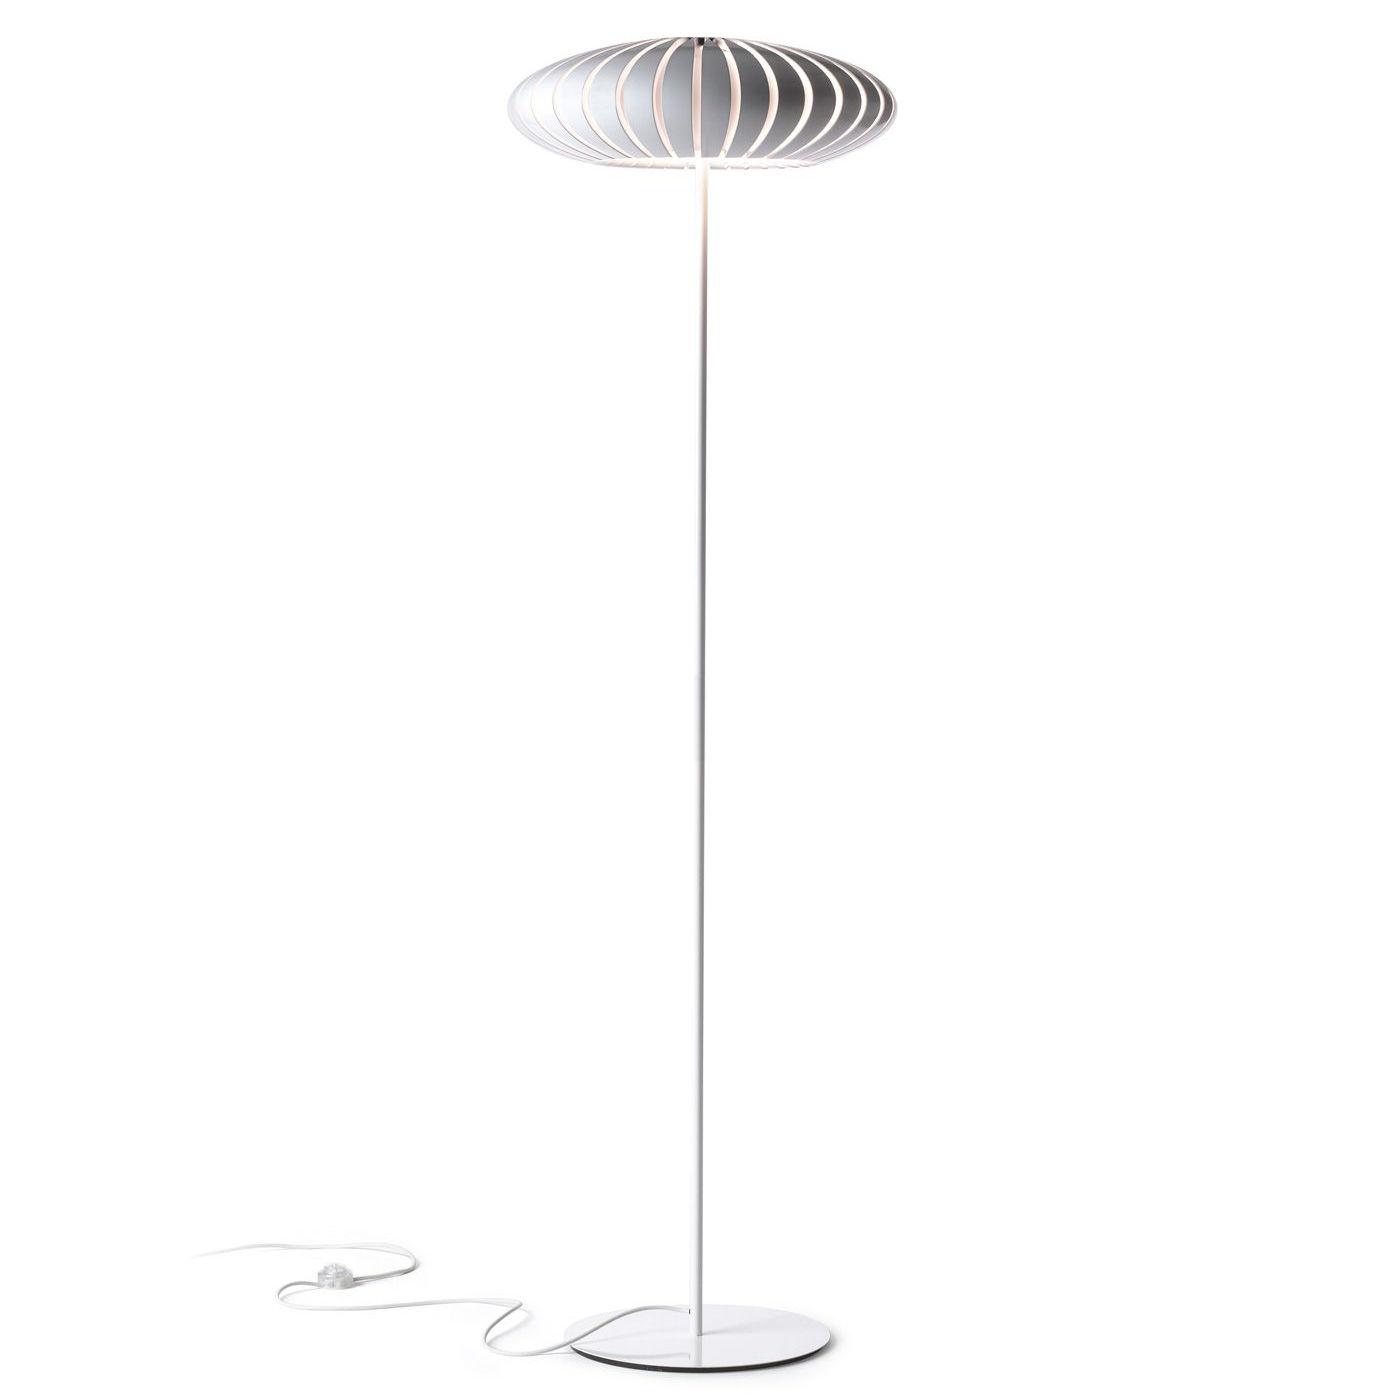 Maranga vloerlamp Marset 170 wit